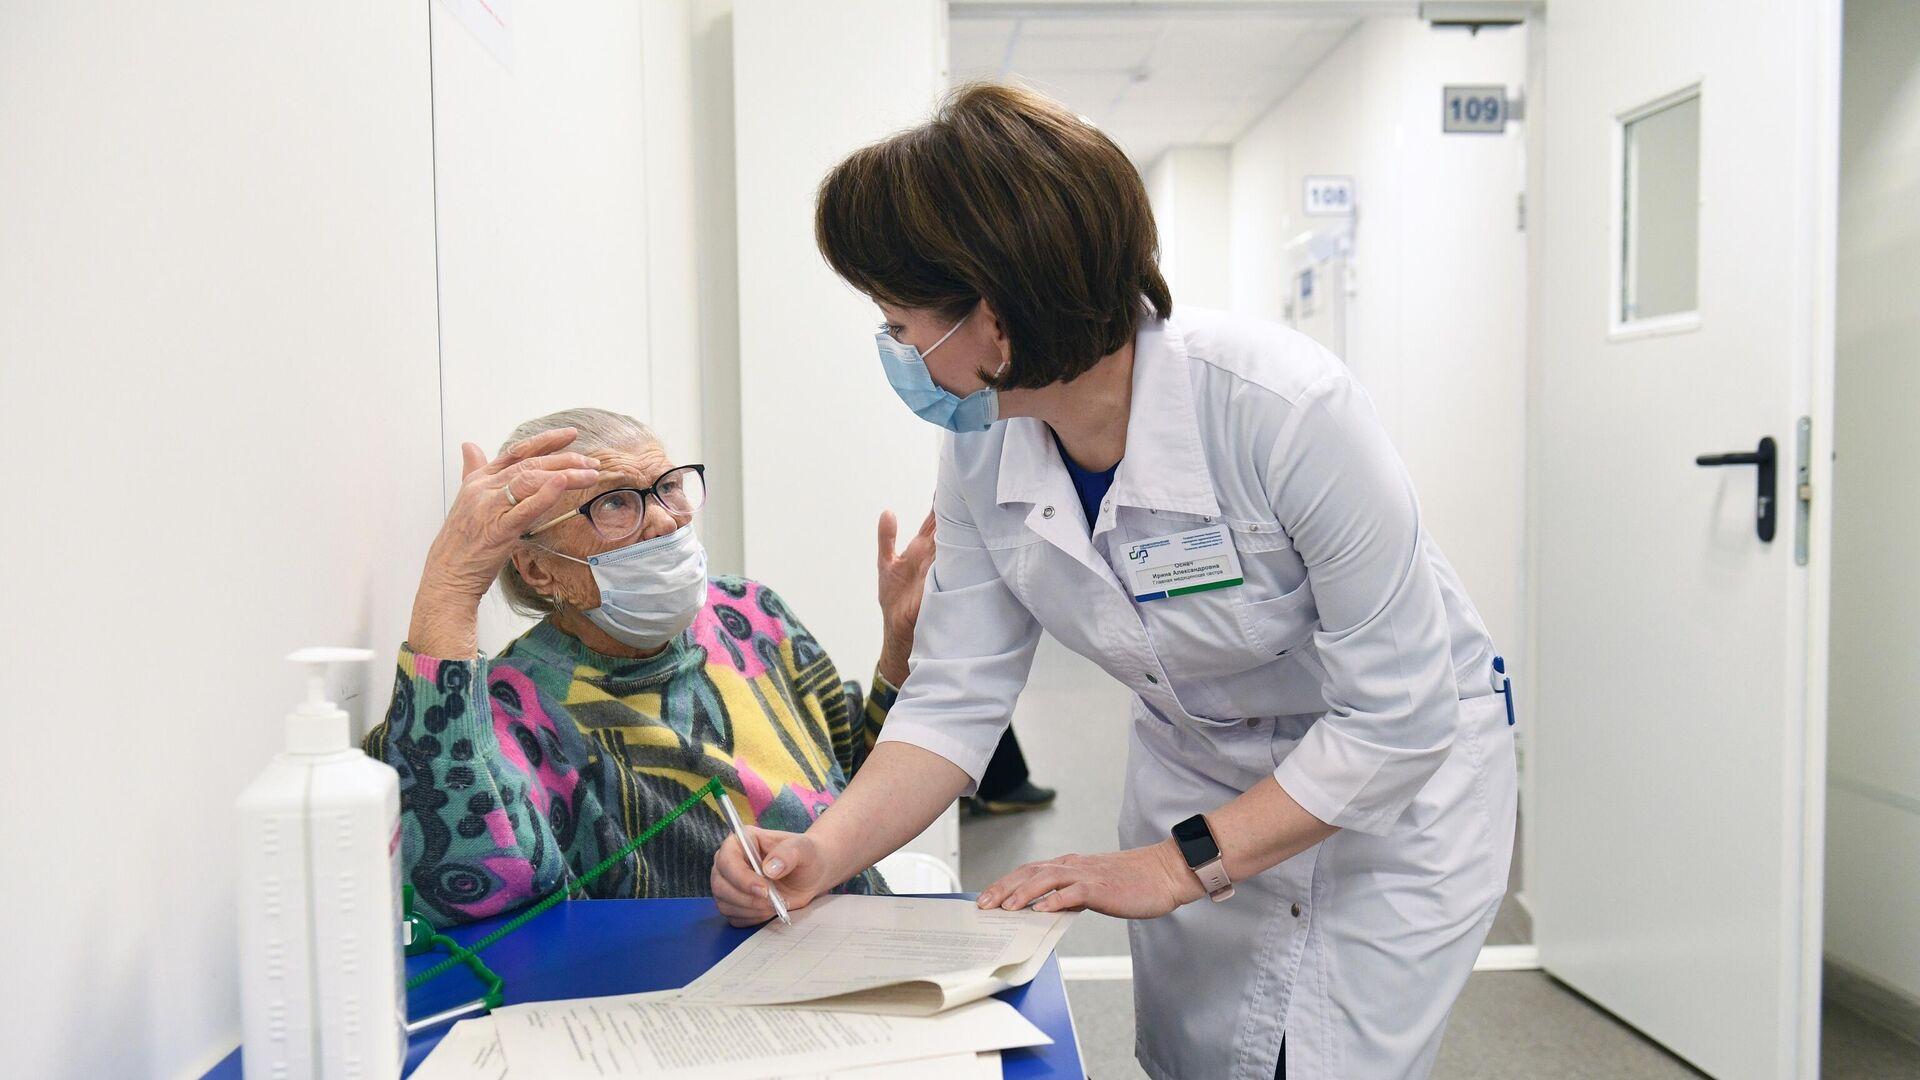 Una persona mayor en una clínica - Sputnik Mundo, 1920, 05.03.2021